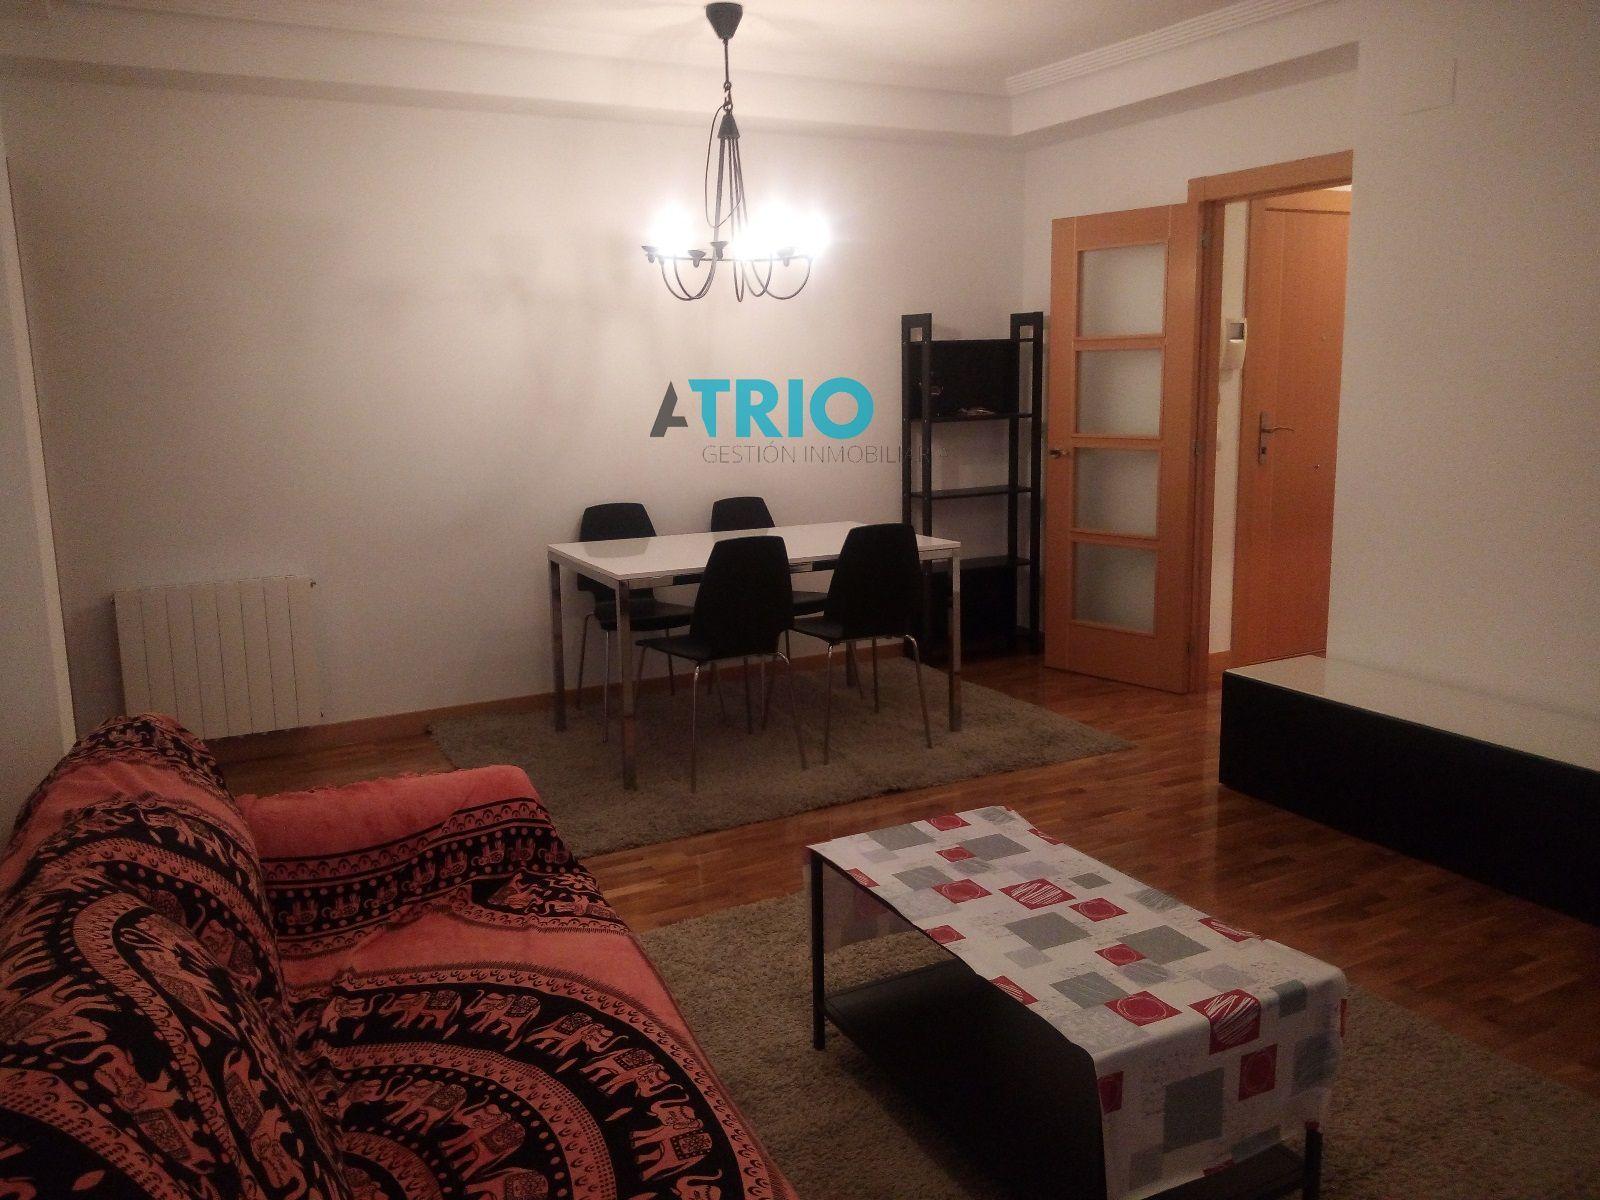 dia.mobiliagestion.es/Portals/inmoatrio/Images/6699/4300119